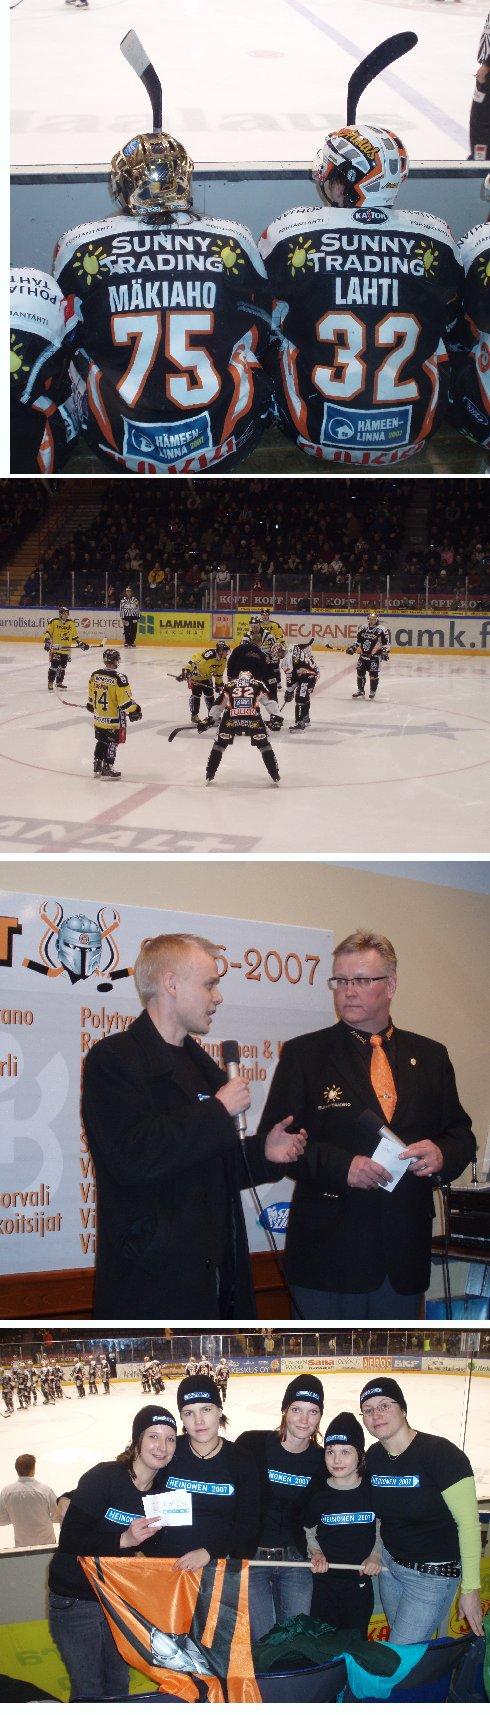 HPK voitti Janne Lahden johdolla Saipan maalein 5-1. Mukana pelissä kuusi teamiläistä ja yli tuhat korttia löysi ottajansa parkkipaikoilla. Vaihtopenkillä Janne Lahti ja Toni Mäkiaho numero 75 :)